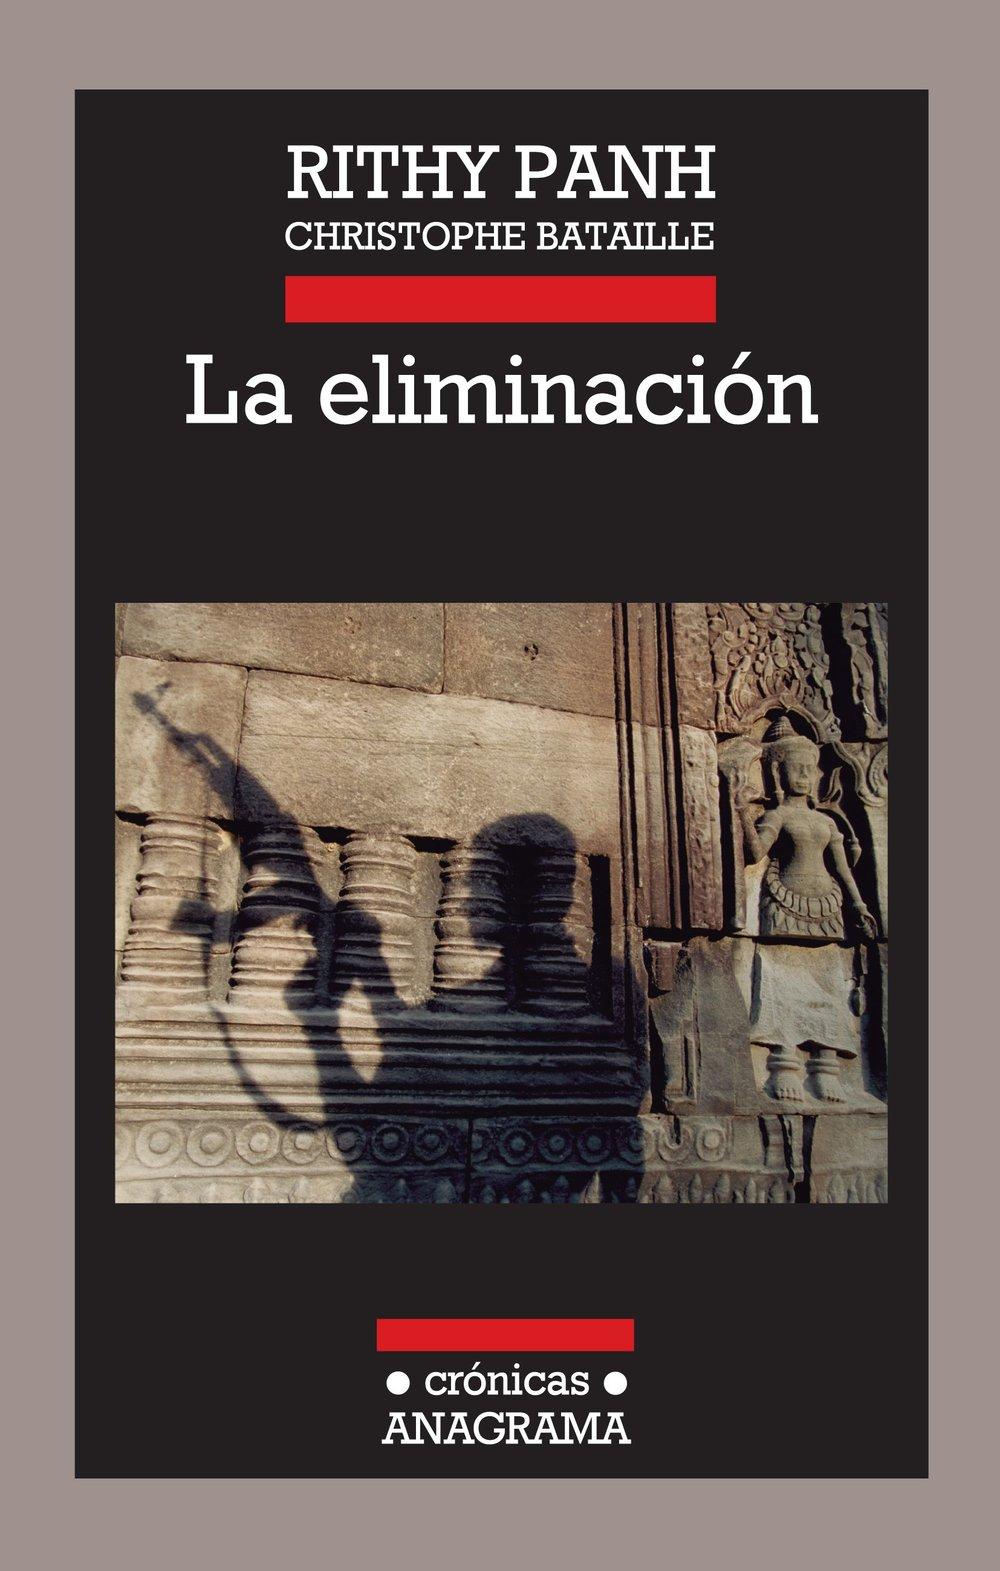 Libro donde están plasmadas las memorias y reflexiones de Panh sobre su experiencia bajo el terror del régimen comunista